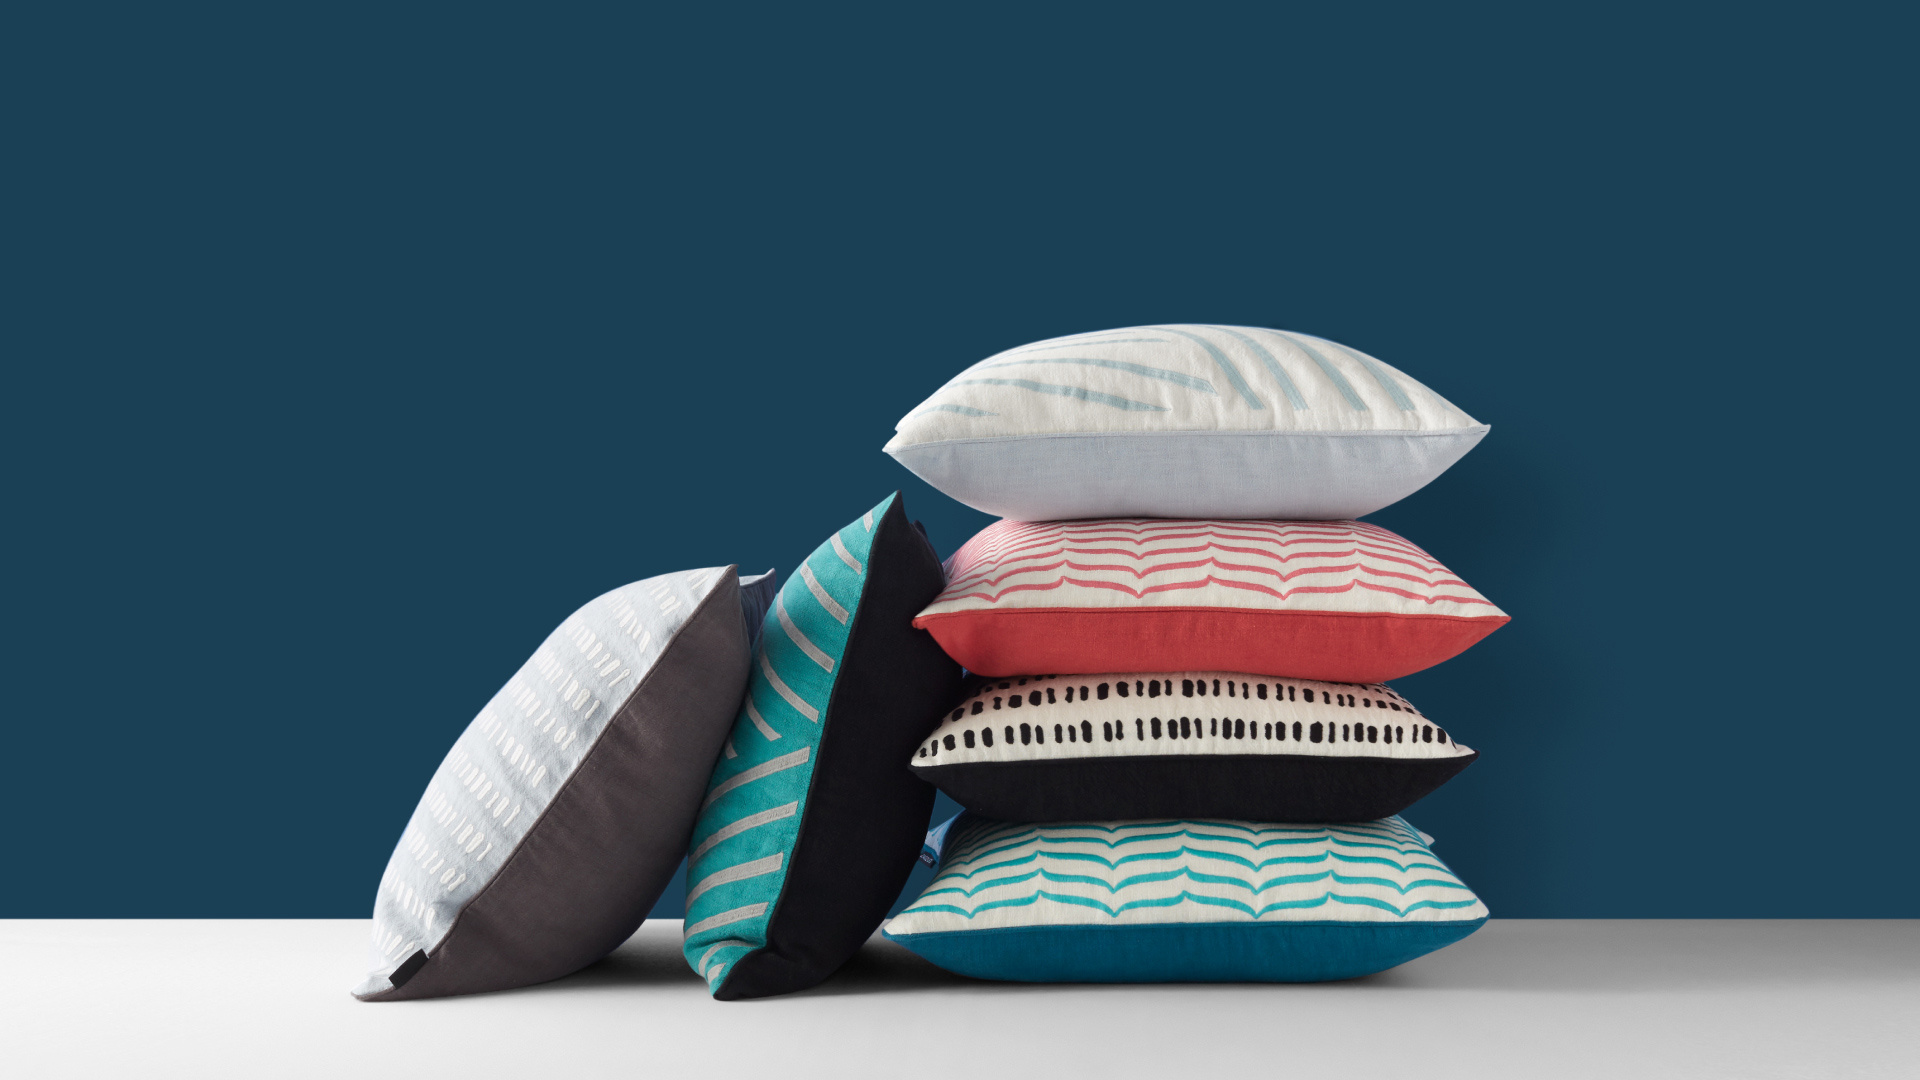 细语苎麻刺绣抱枕 | Murmur Cushion